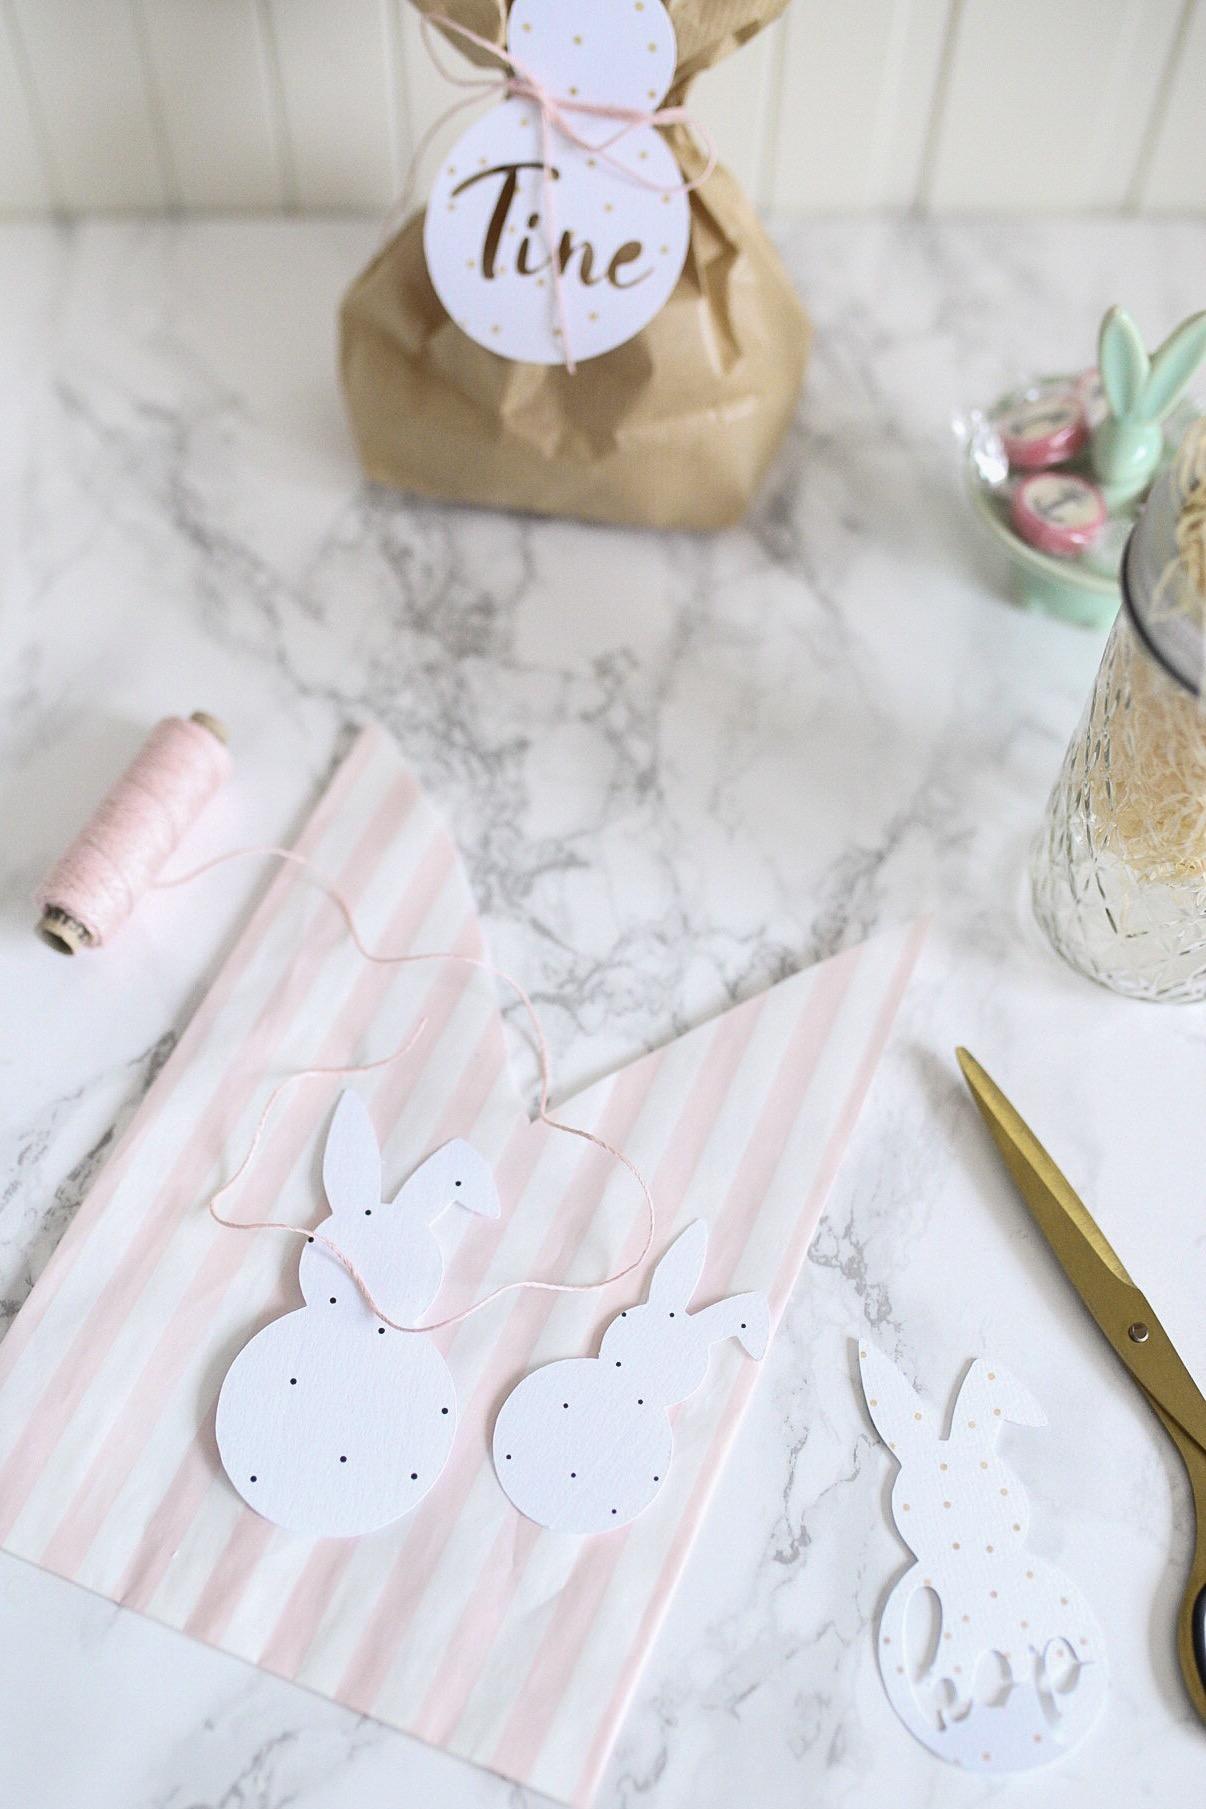 DIY Osterhasentüten mit geplottetem Hasen, als Namensschild